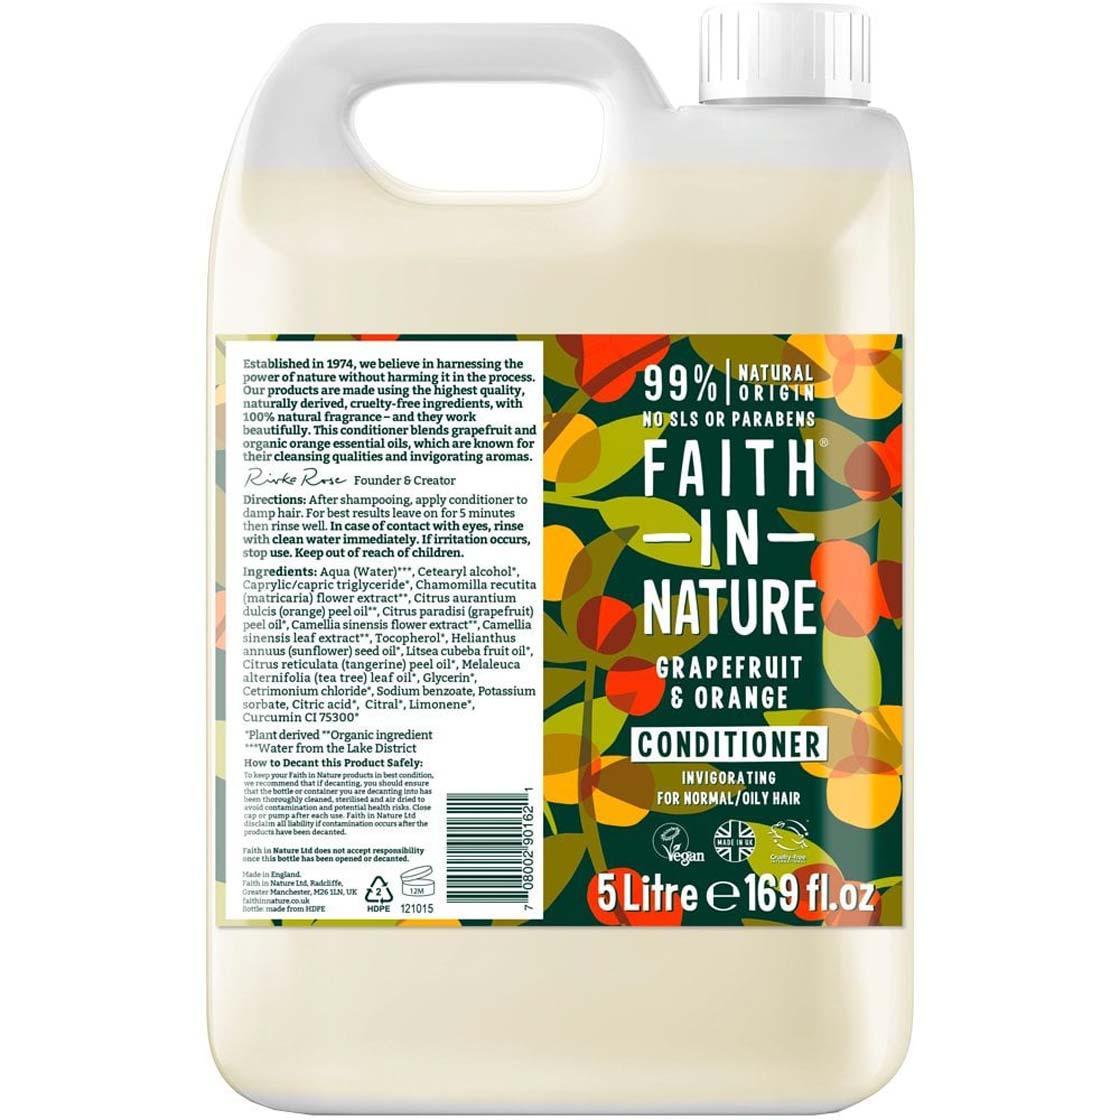 Conditioner - Grapefruit & Orange (liquid only) - Faith in Nature